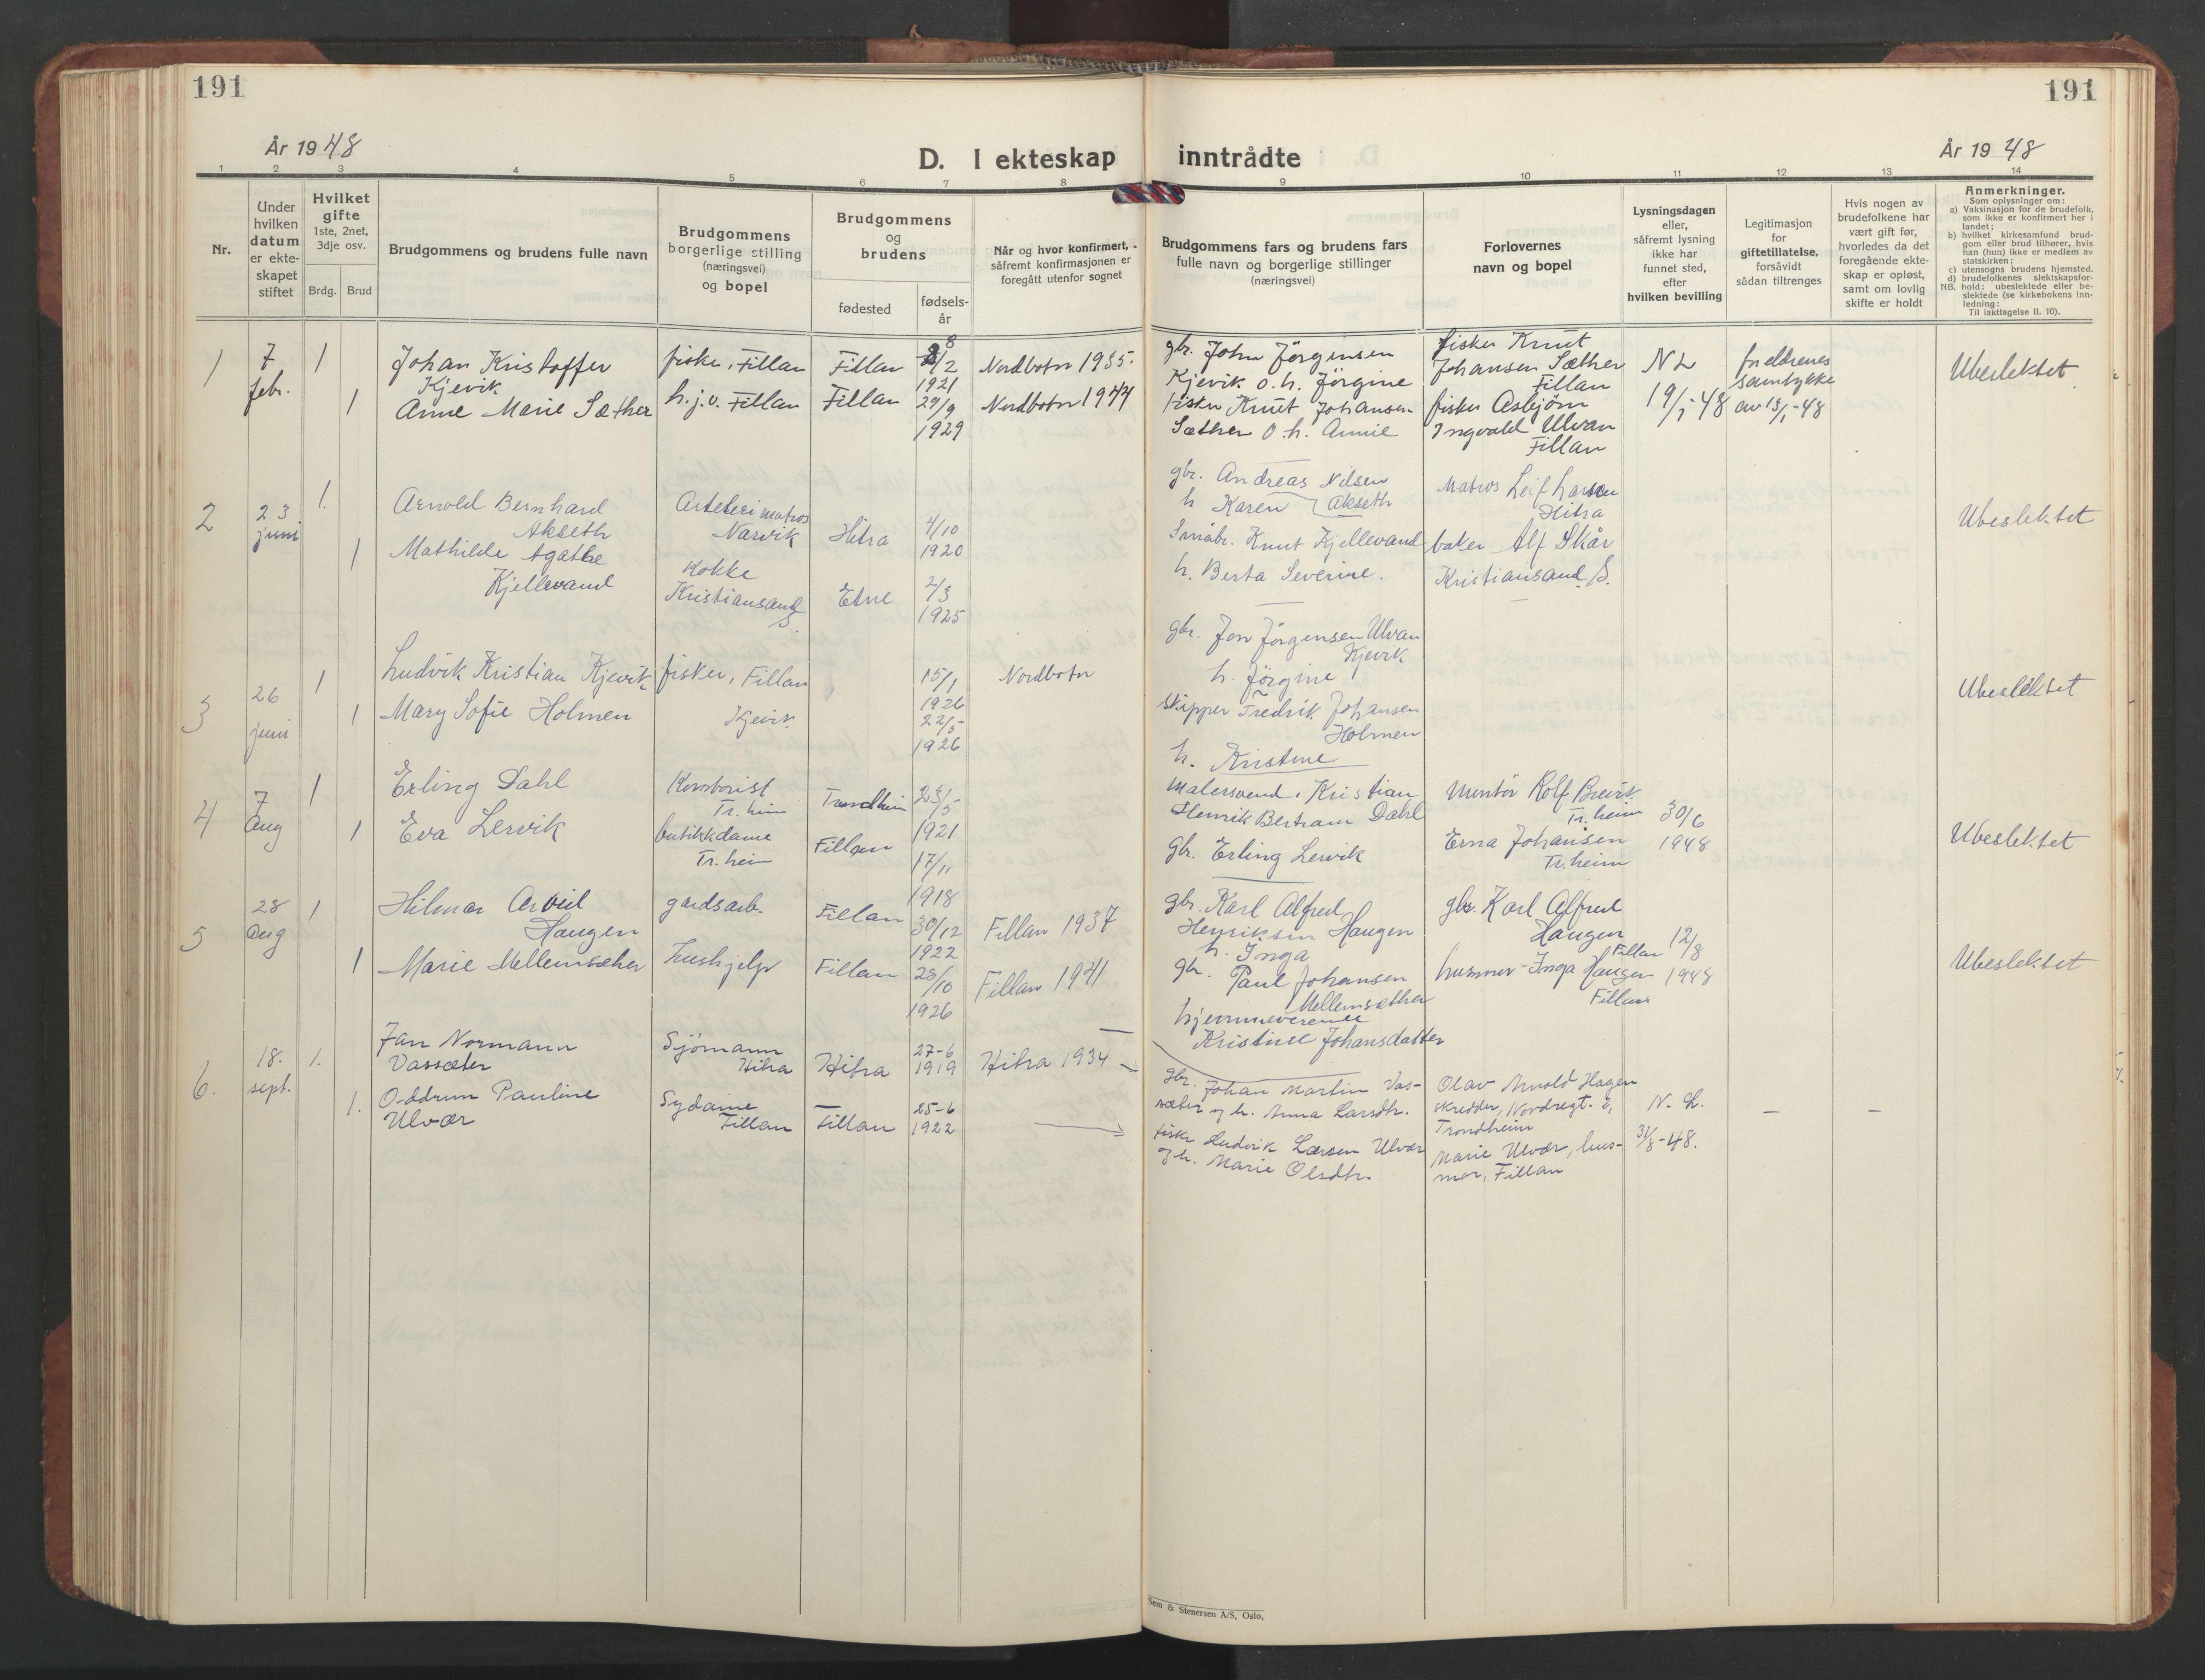 SAT, Ministerialprotokoller, klokkerbøker og fødselsregistre - Sør-Trøndelag, 637/L0564: Klokkerbok nr. 637C05, 1928-1968, s. 191